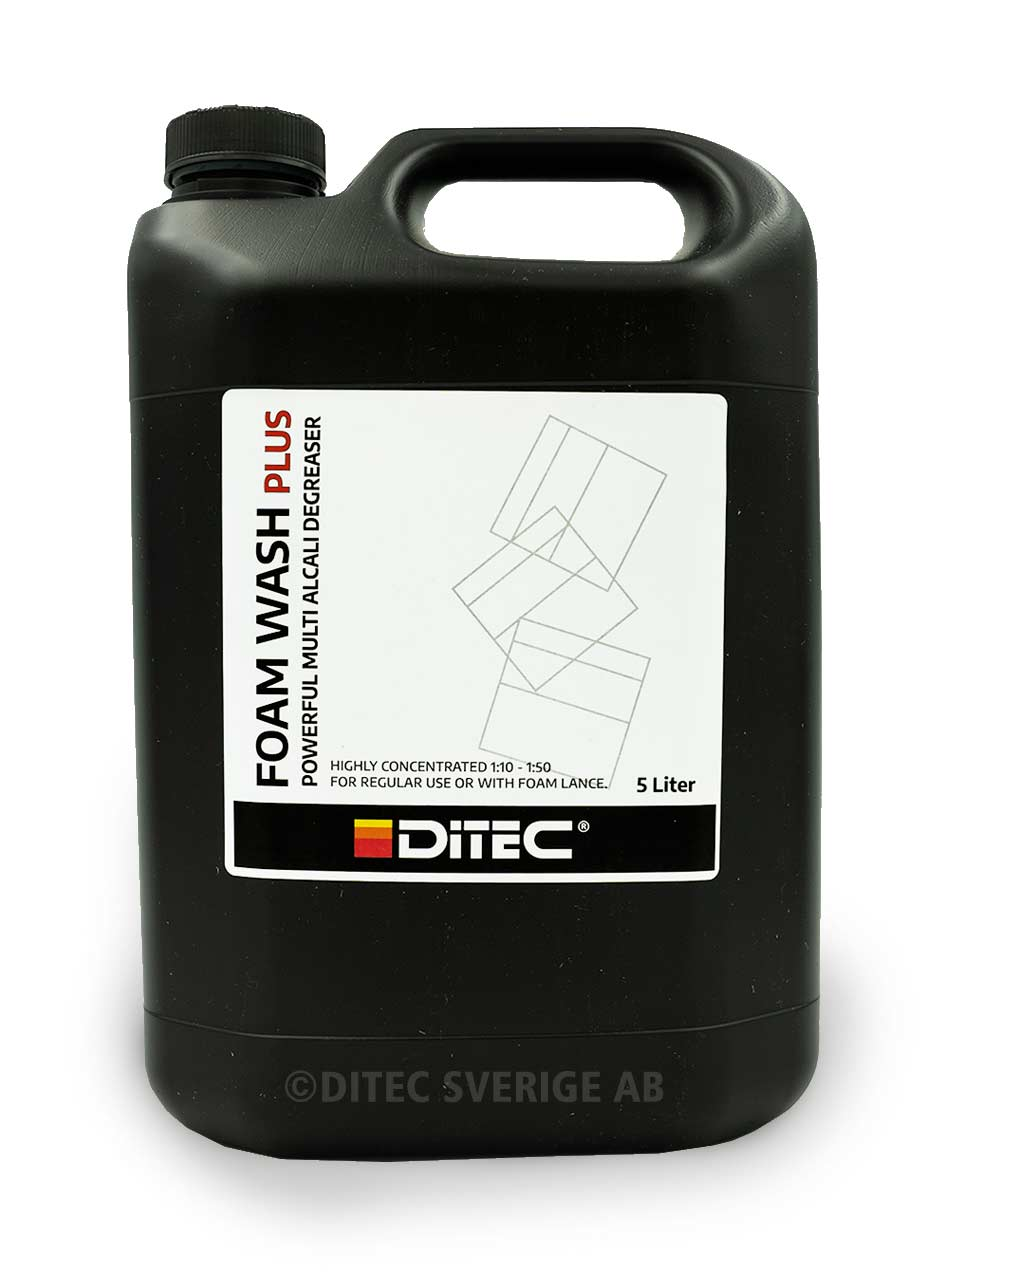 Ditec Foam Wash Plus 5 liter